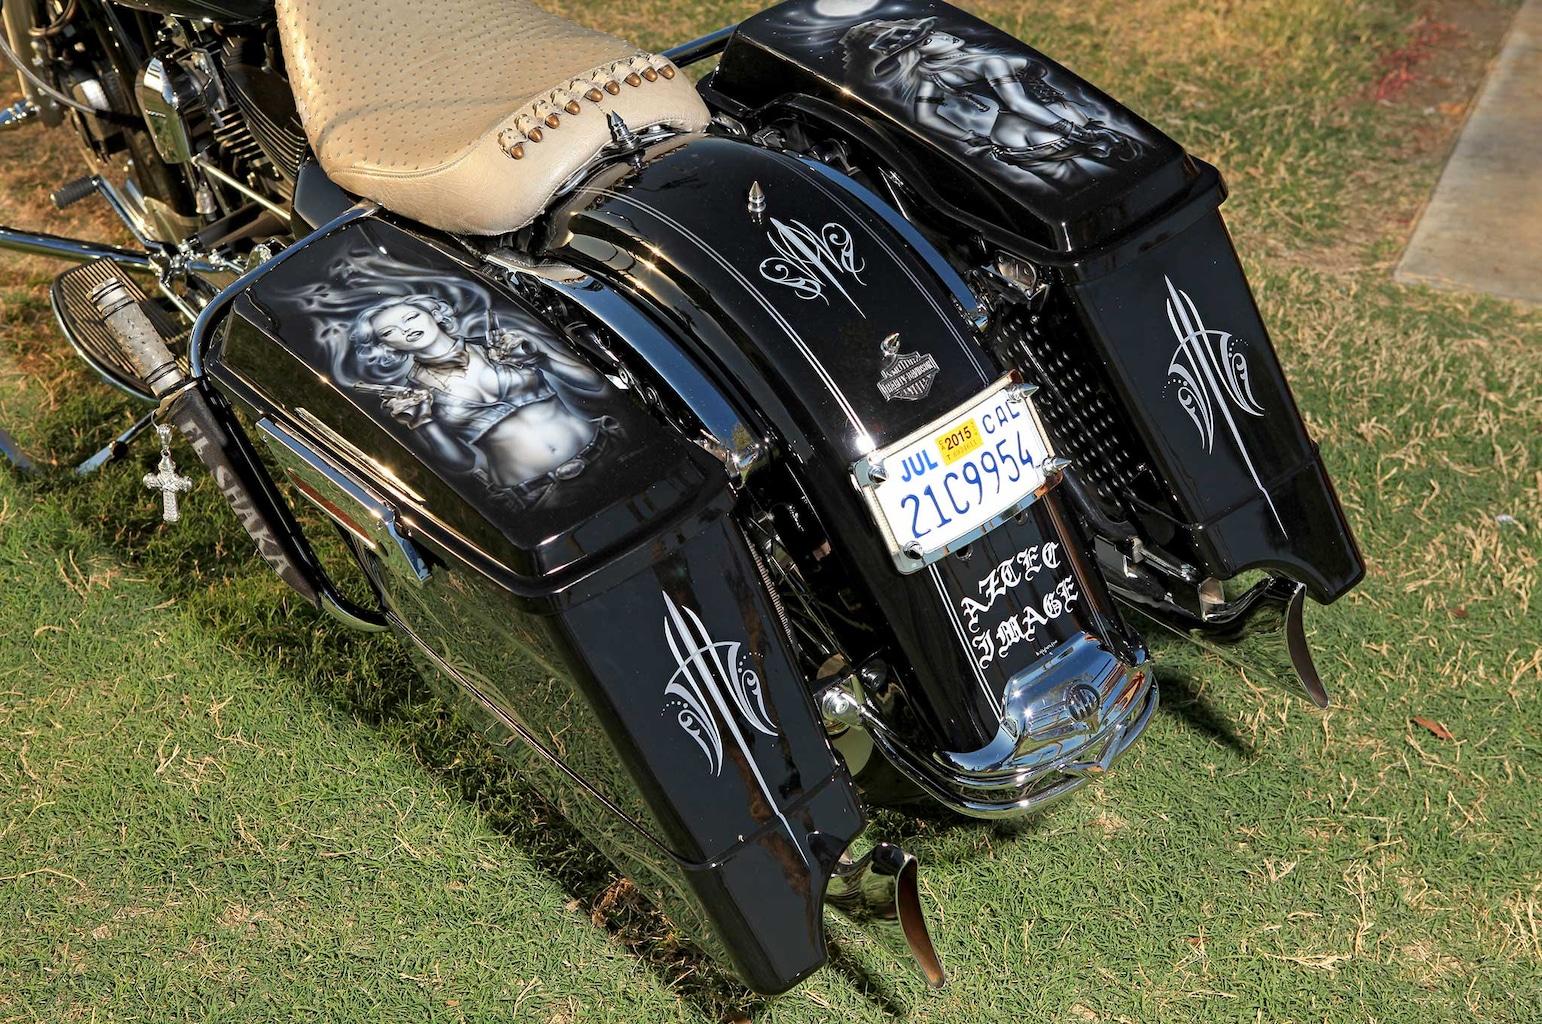 011 2012 harley davidson road king saddlebags